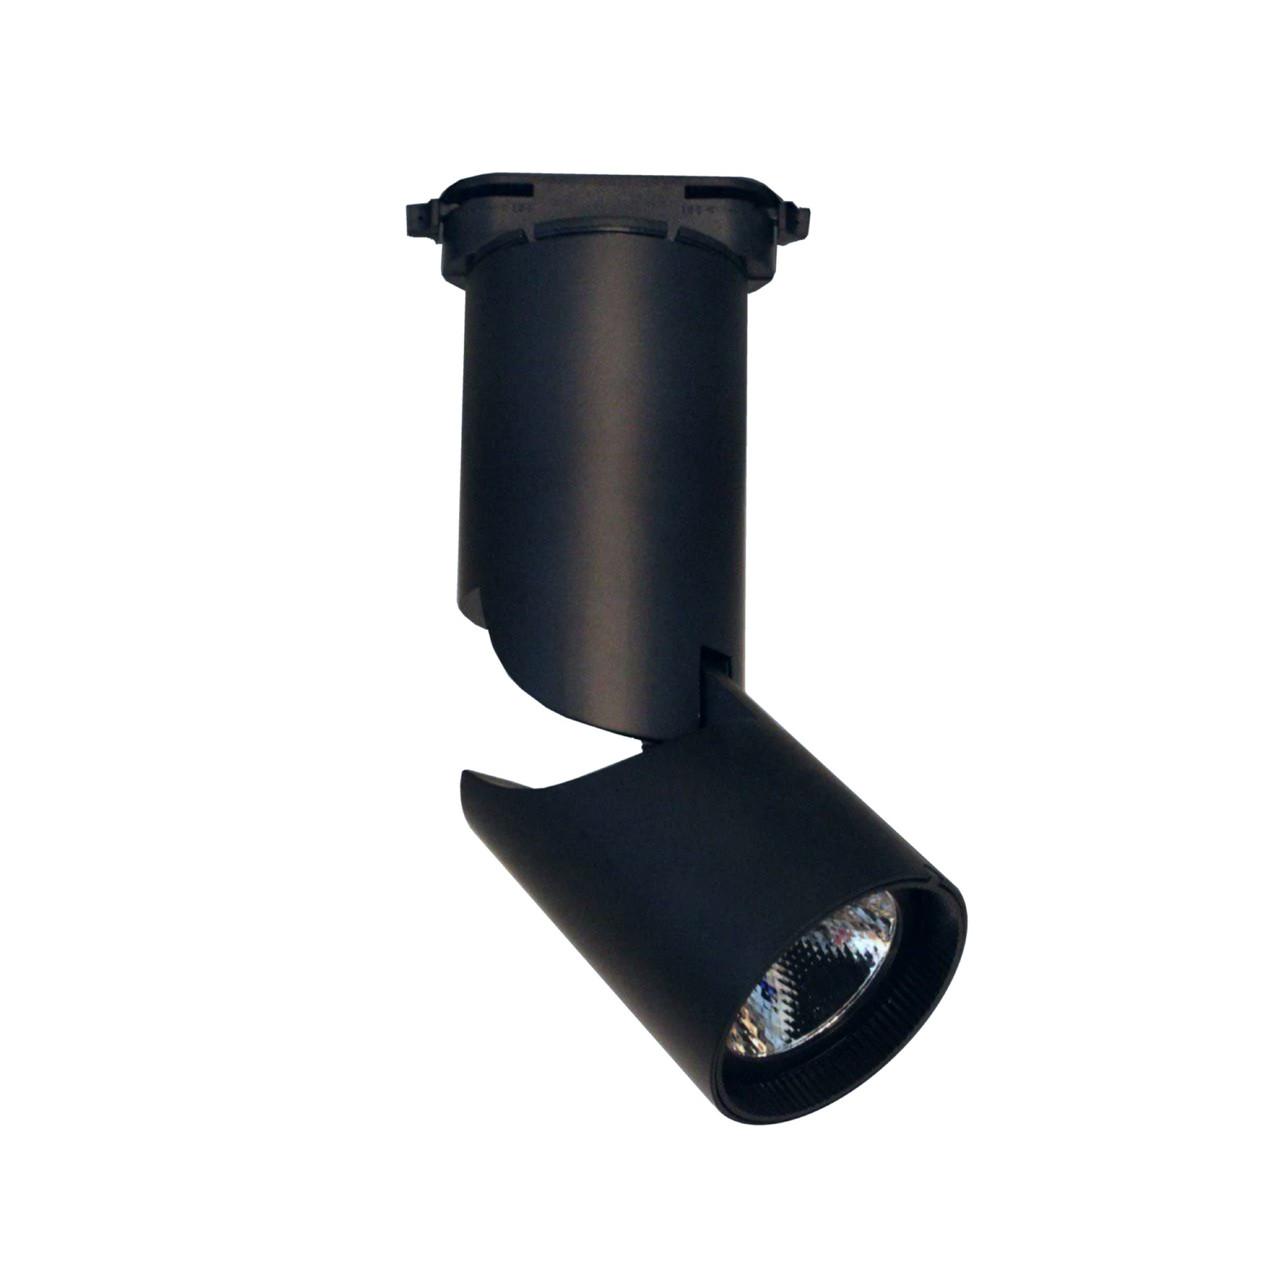 Светодиодный светильник  трековый LEDSTAR Черный 15Вт 6500K (102984)